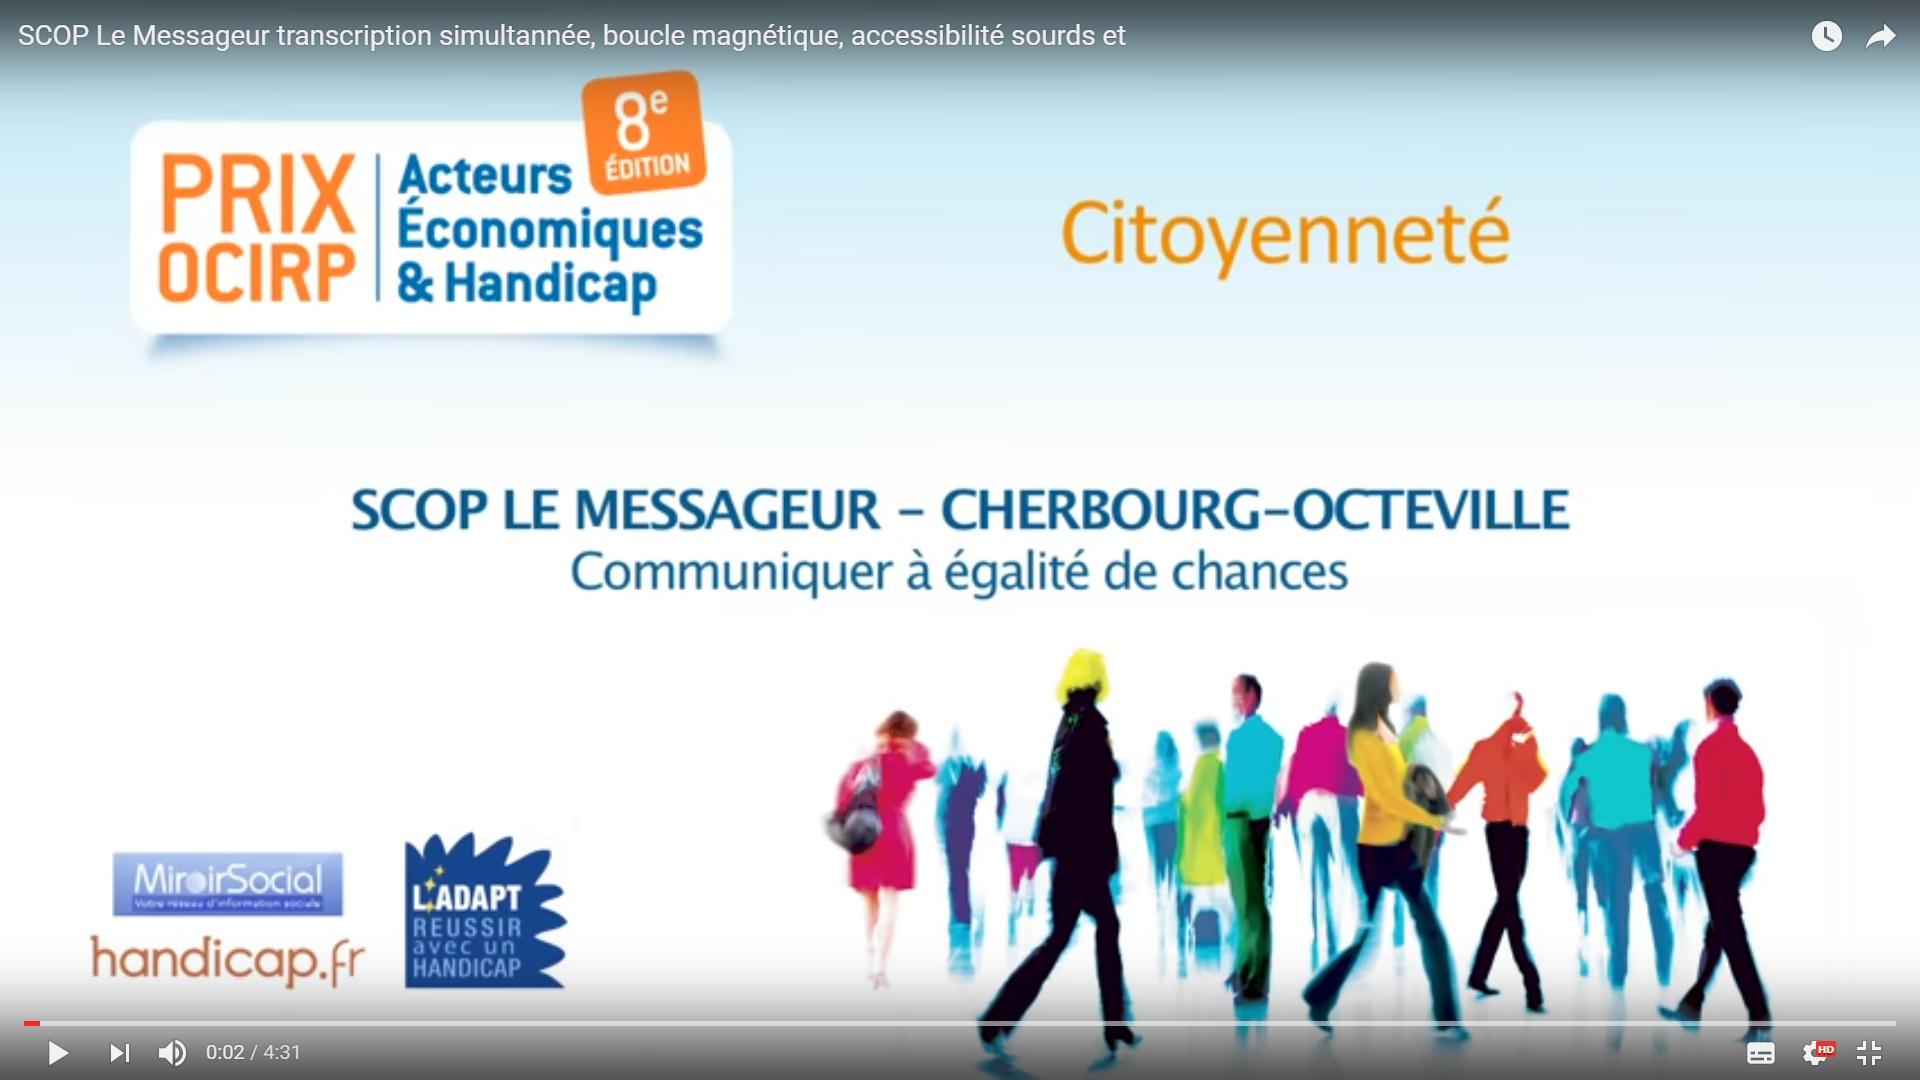 Le Messageur Lauréat Du Prix OCIRP Exemple à Suivre Catégorie Citoyenneté